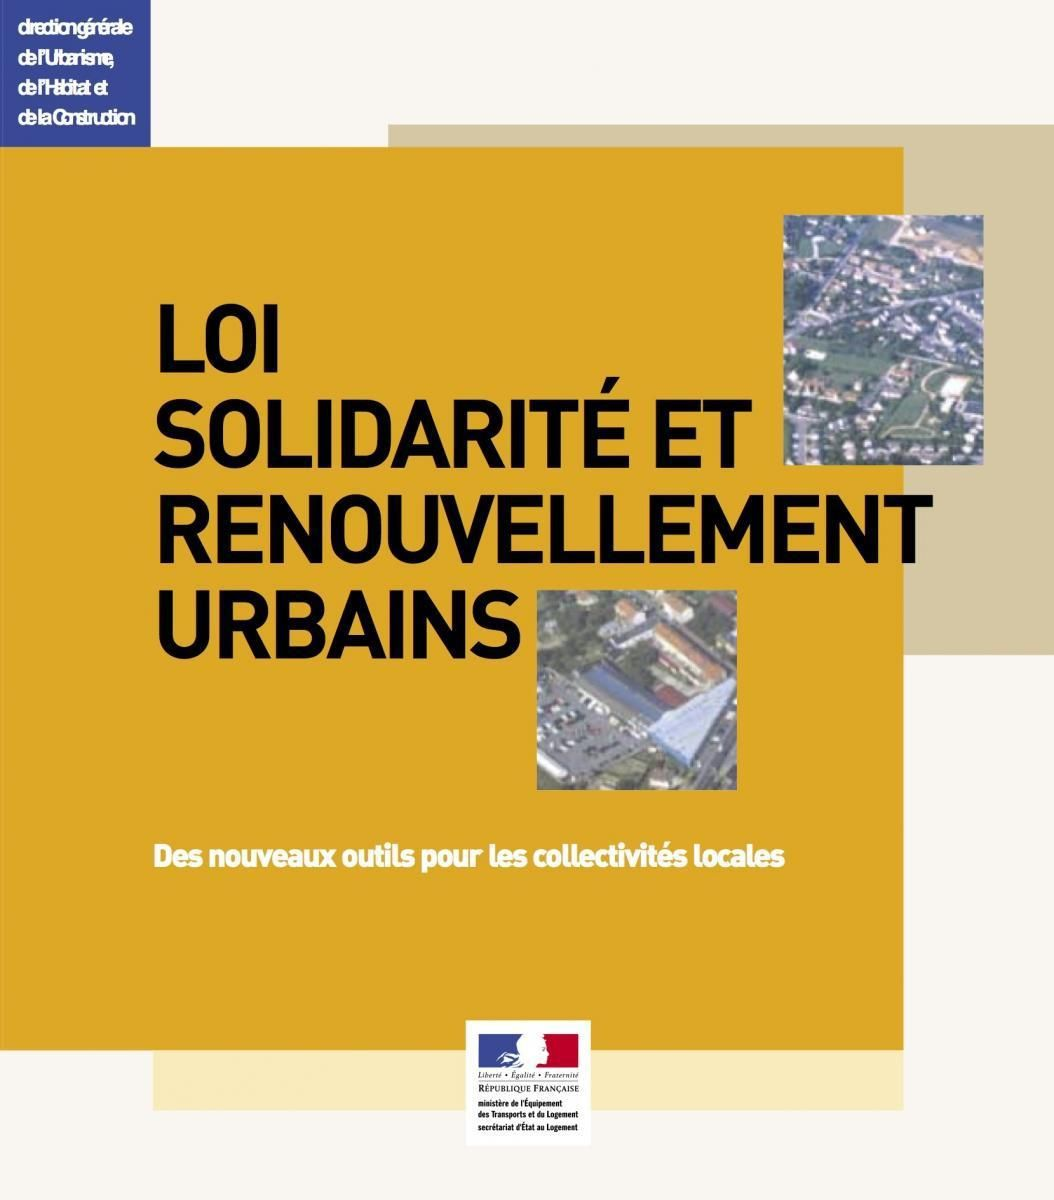 Solidarité-et-Renouvellement-Urbains-SRU